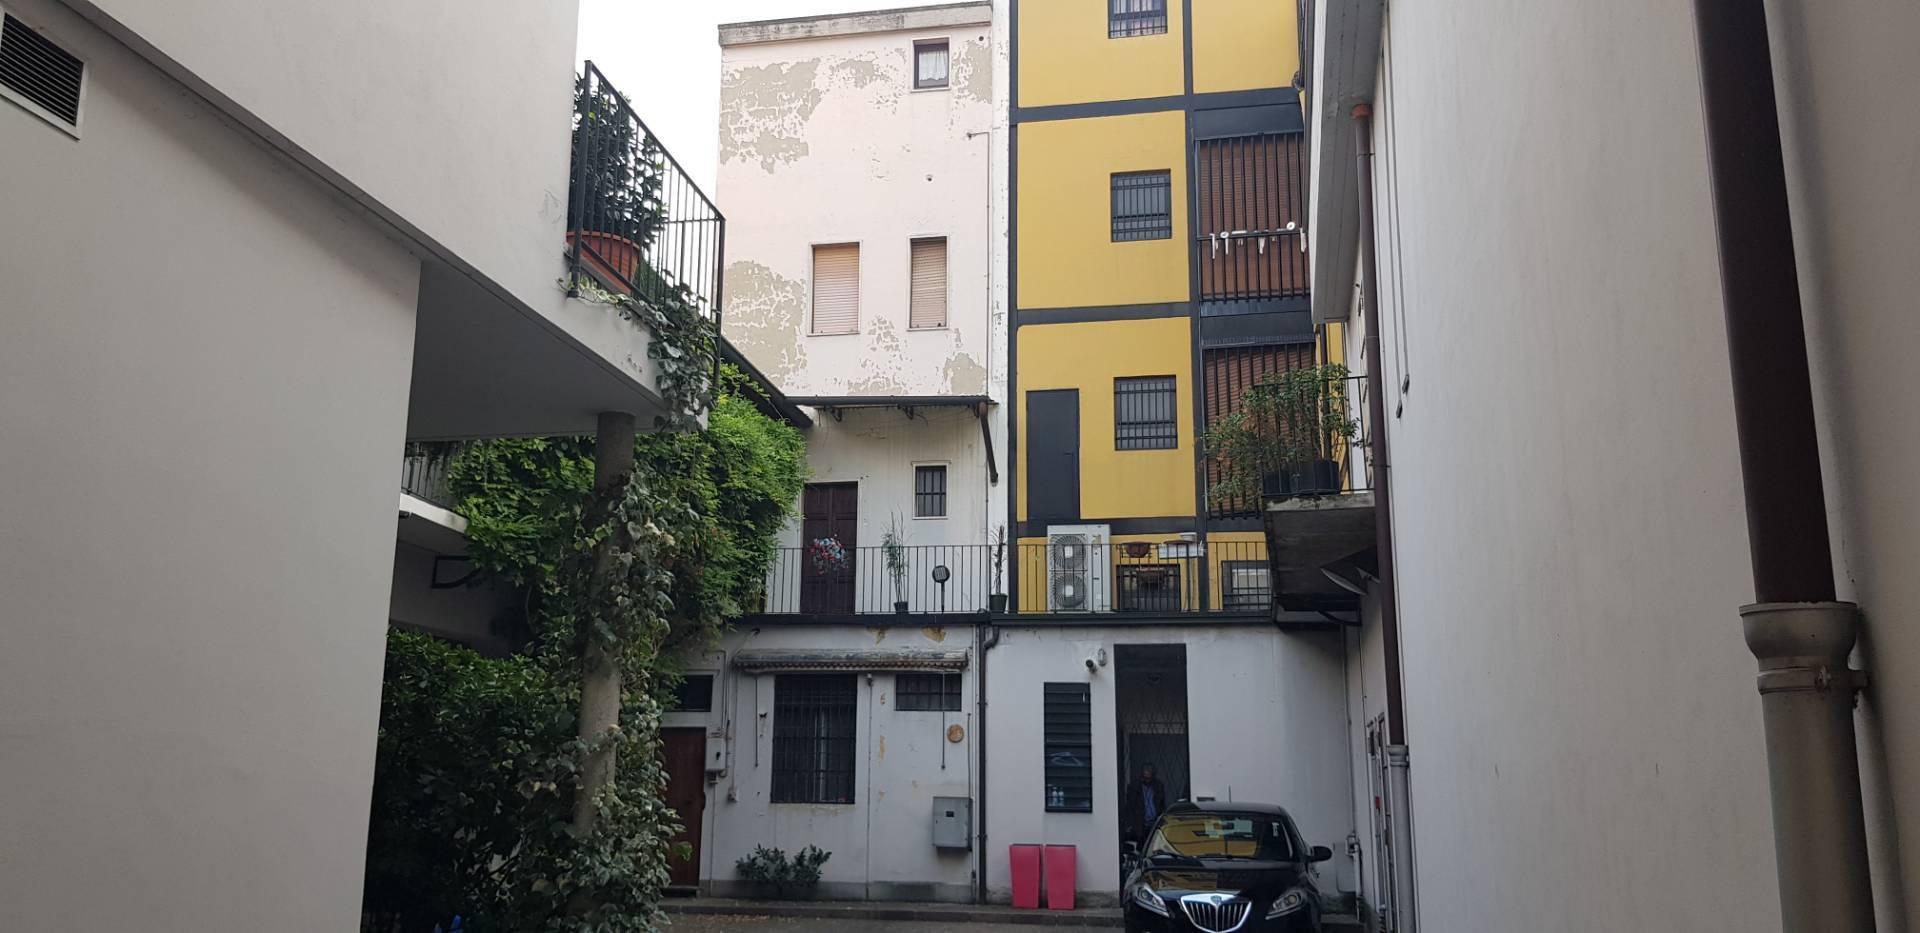 Appartamento in vendita a Melzo, 2 locali, prezzo € 135.000   PortaleAgenzieImmobiliari.it